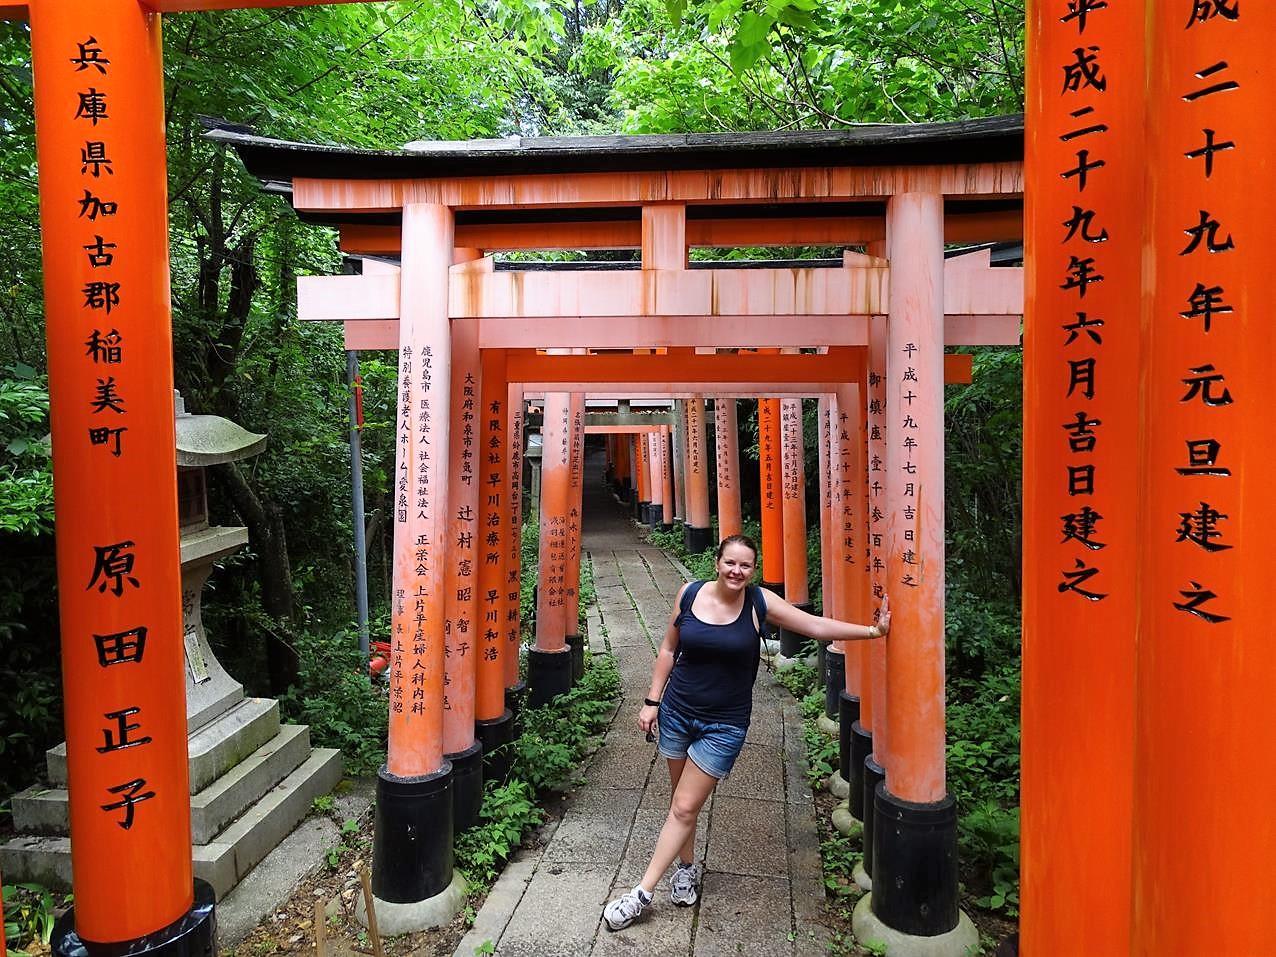 kyoto temple tempel Fushimi inari shrine biketour